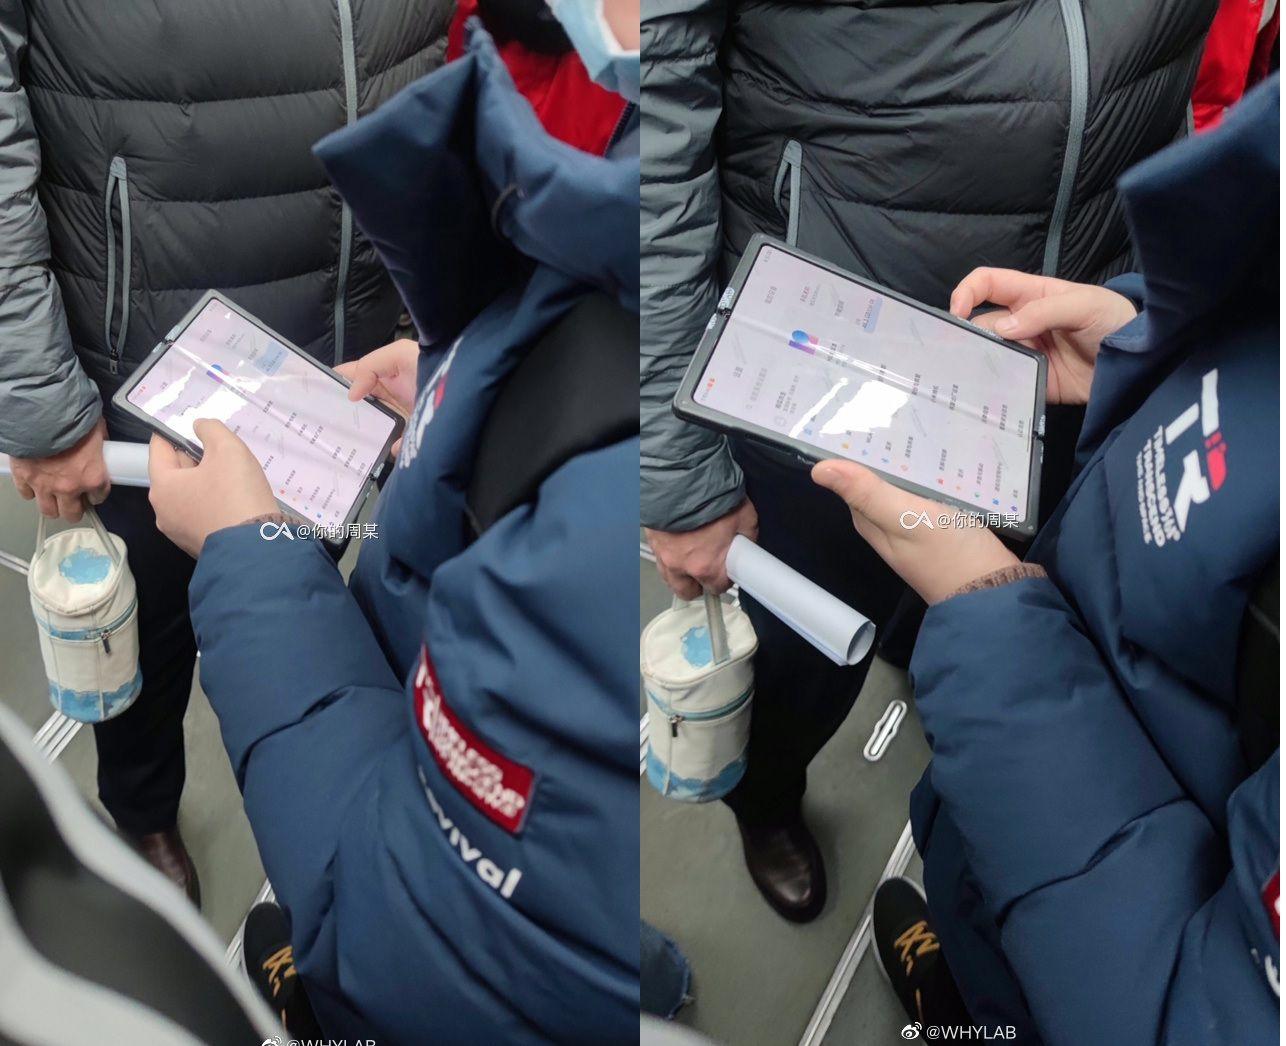 Ponsel Layar Lipat Xiaomi Sudah Beredar, Begini Penampakannya